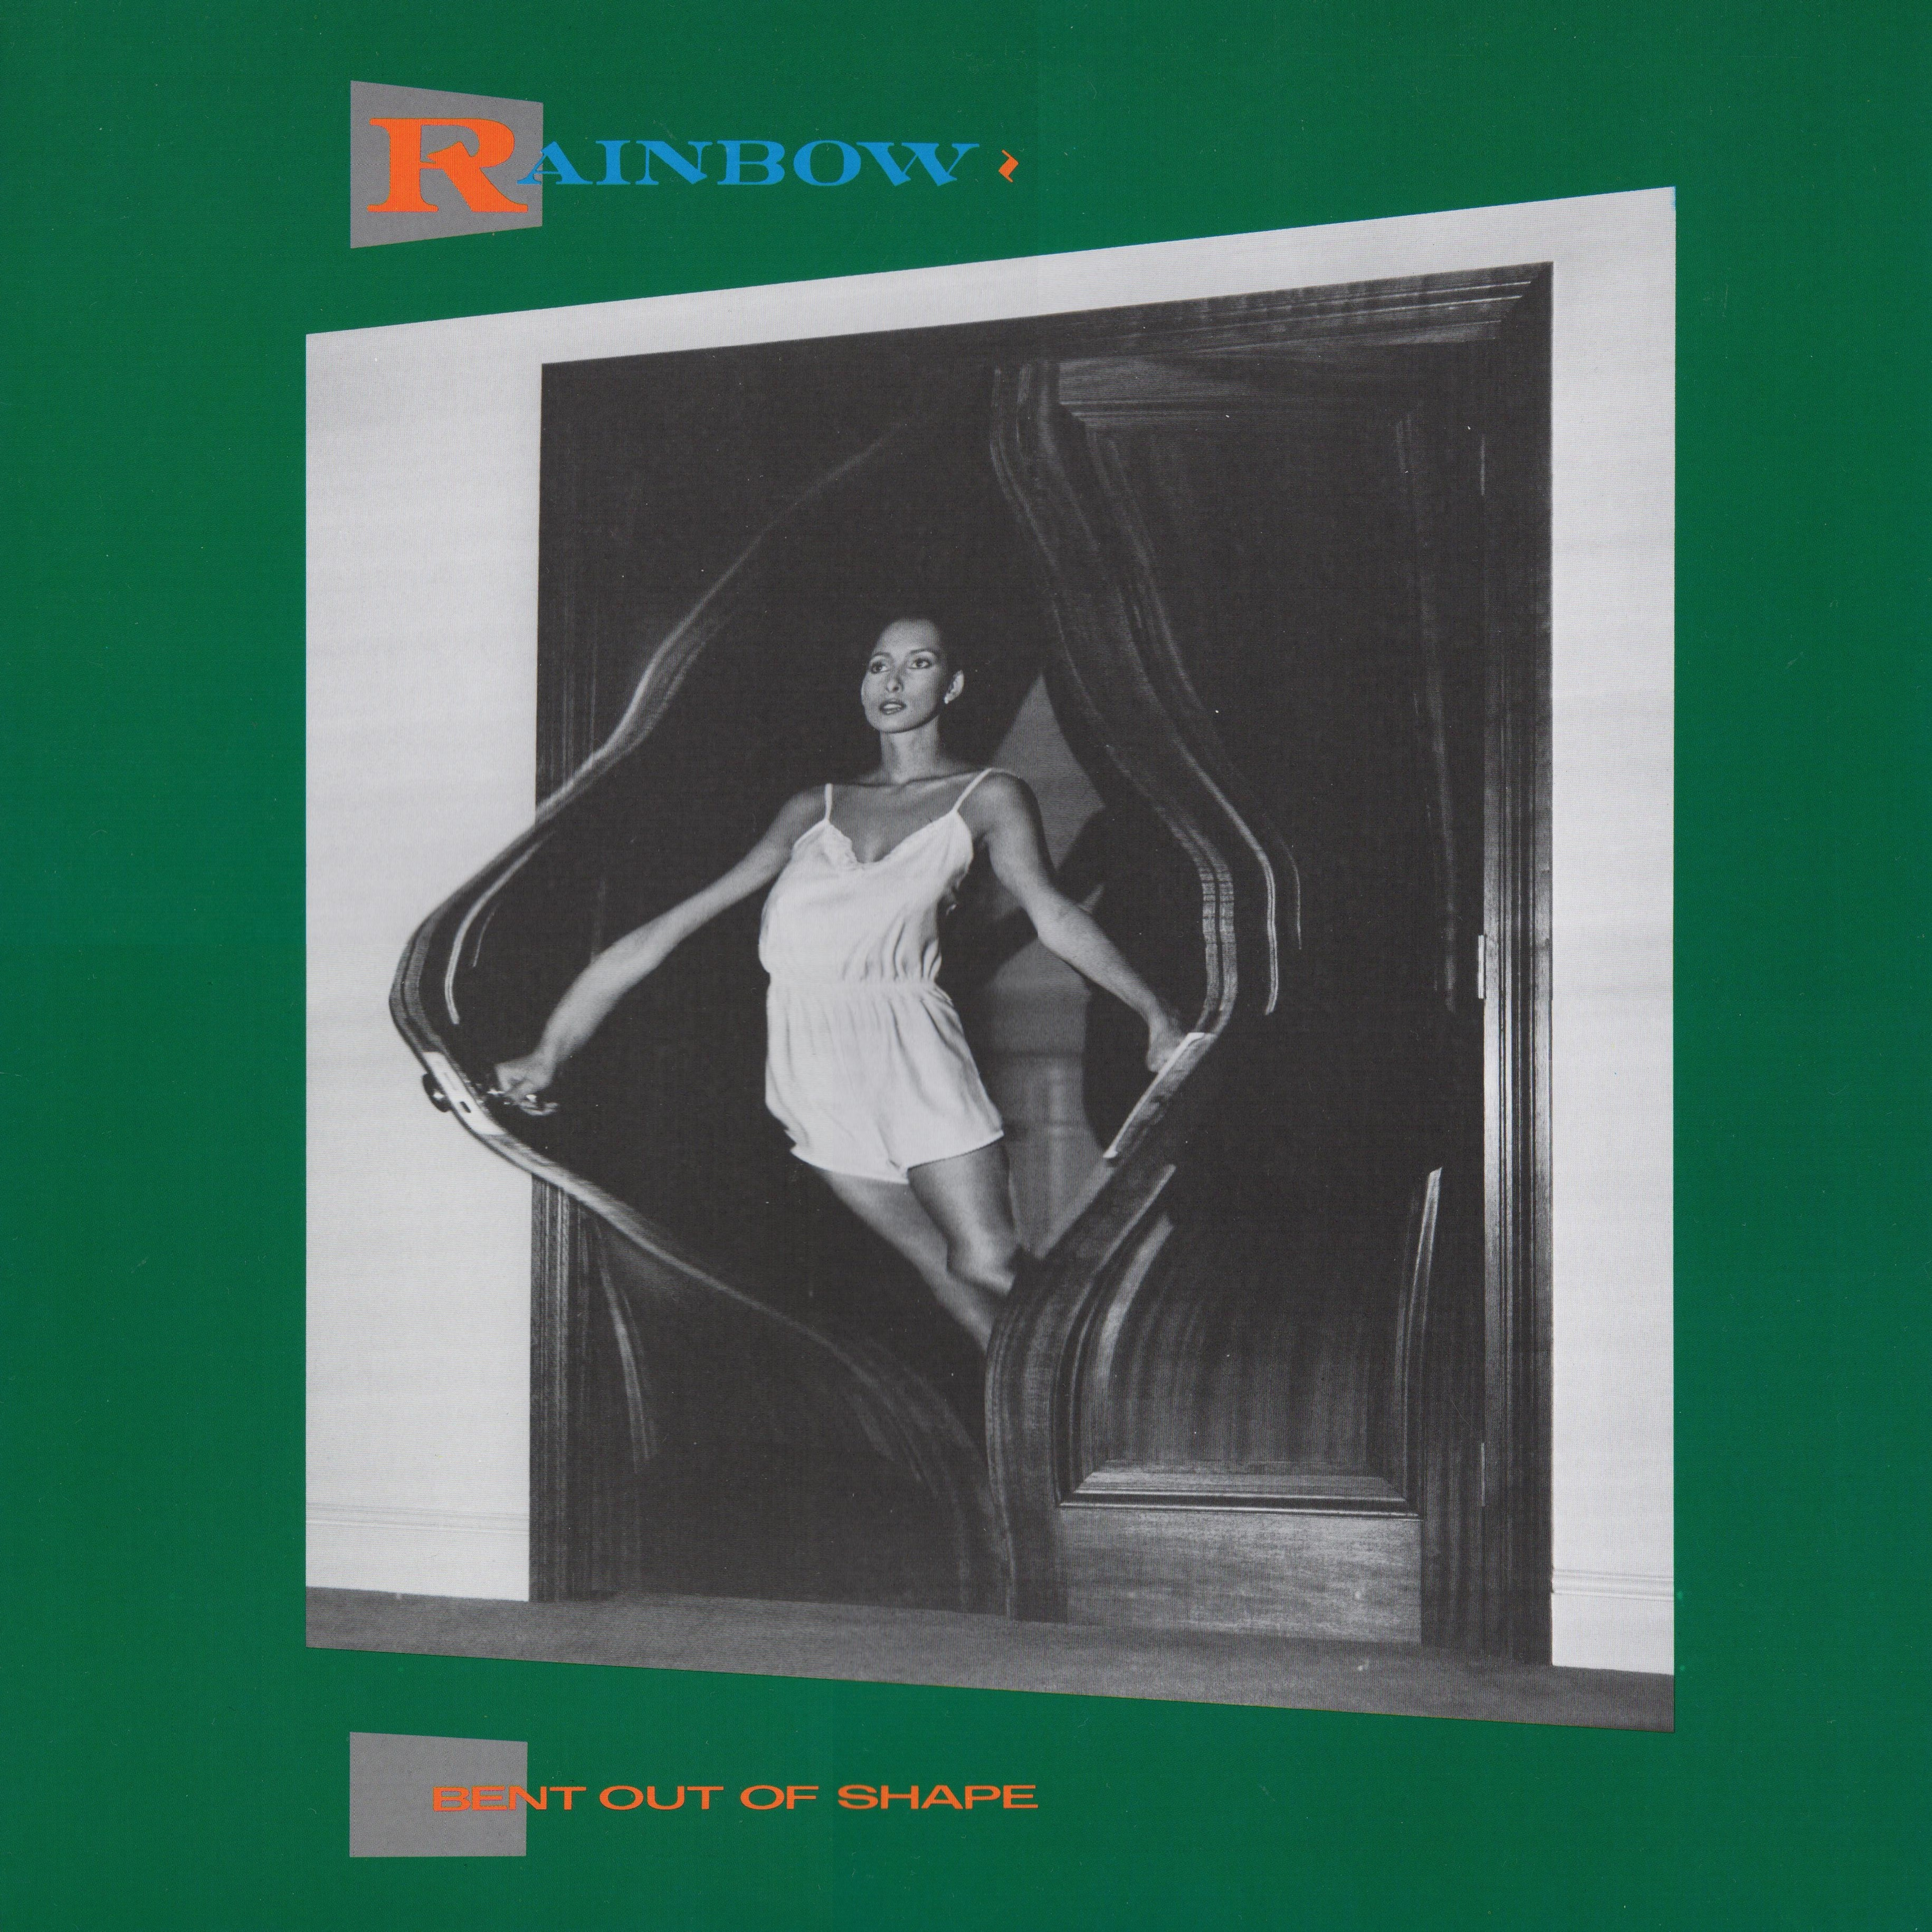 Rainbow. Bent Out Of Shape (LP)Представляем вашему вниманию альбом Rainbow. Bent Out Of Shape, седьмой студийный альбом британско-американской группы Rainbow, изданный на виниле.<br>